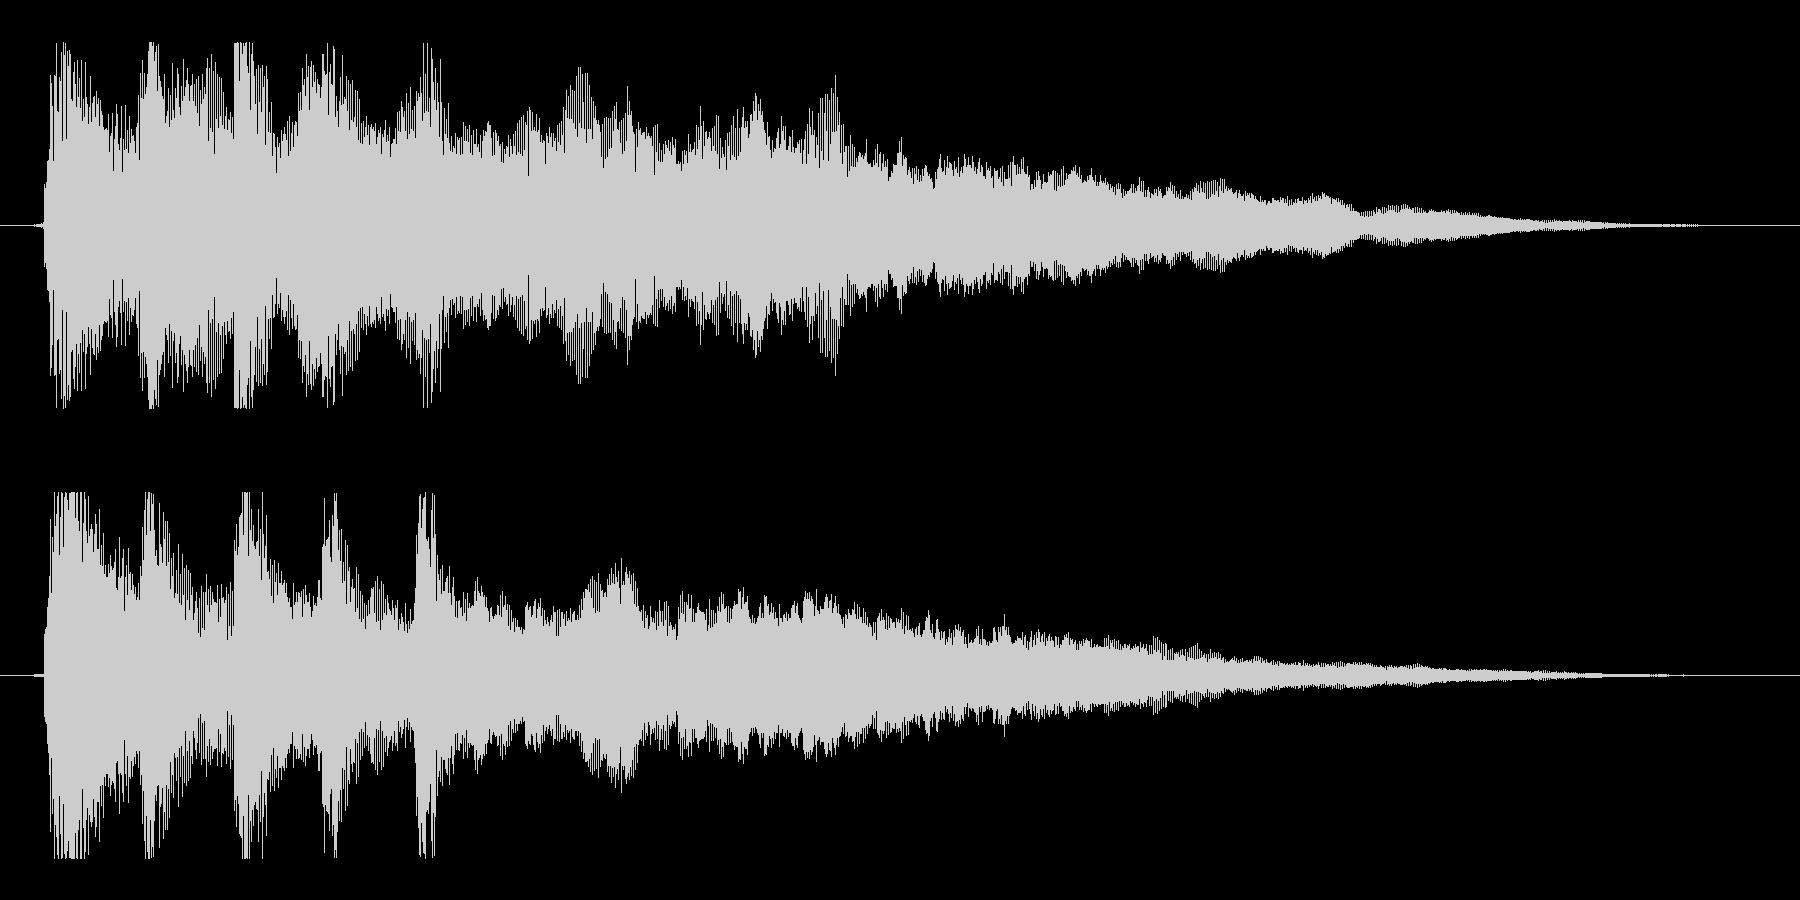 【響きのために1】の未再生の波形